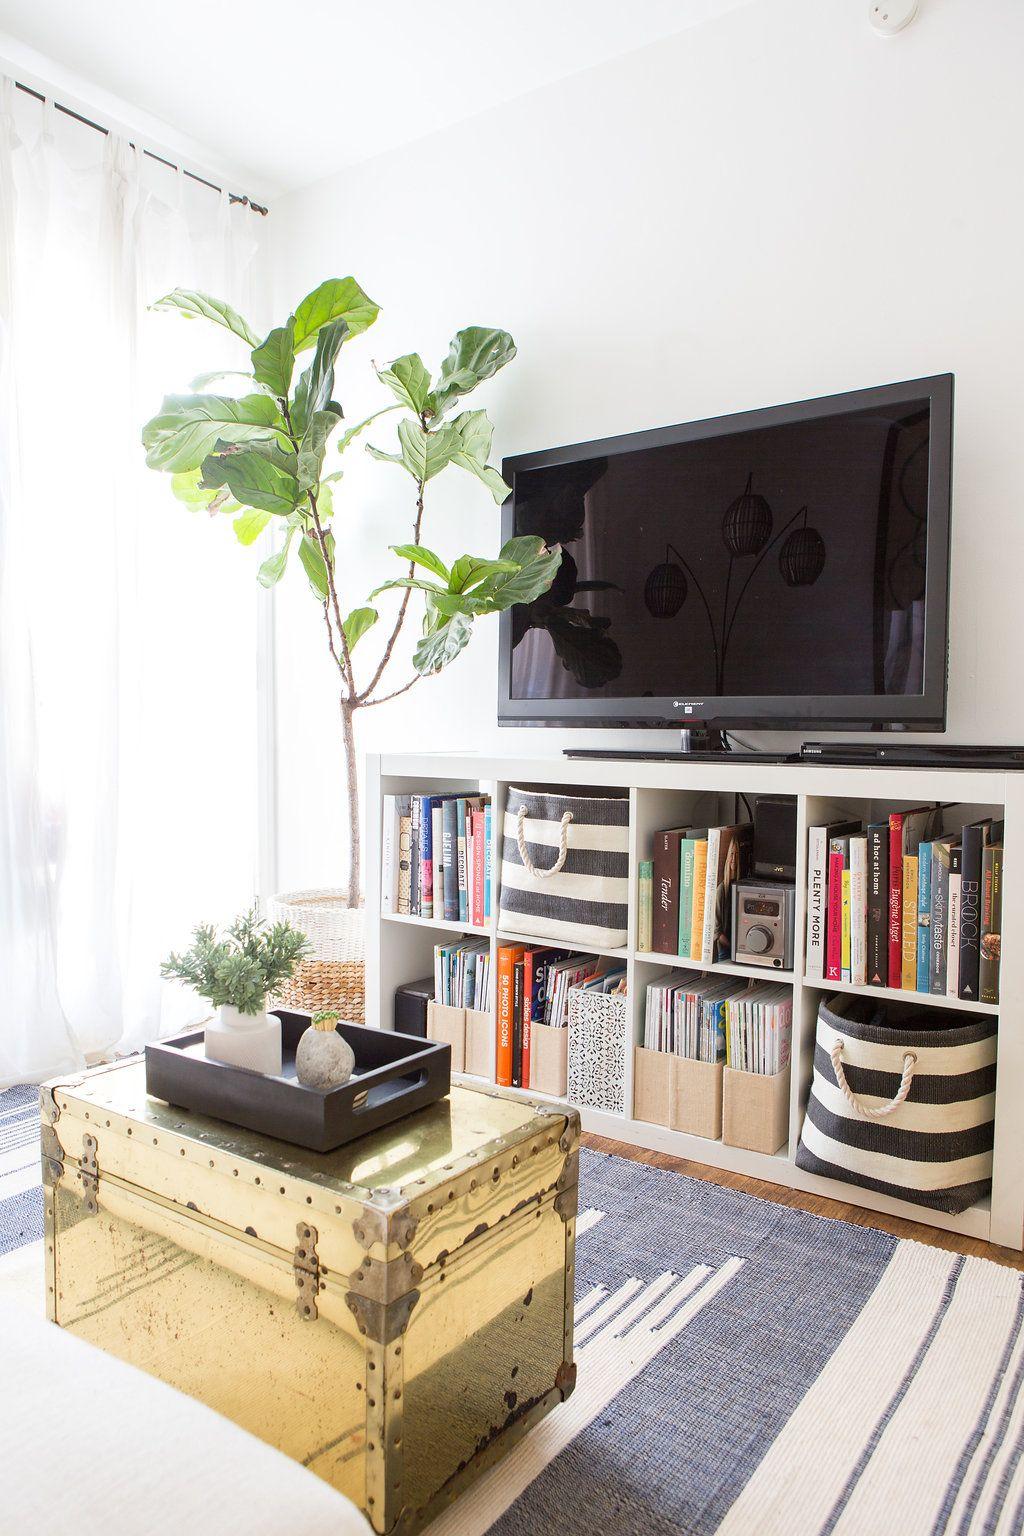 Boho Beach Bungalow Home Tour on Apartment Therapy | Decor ...